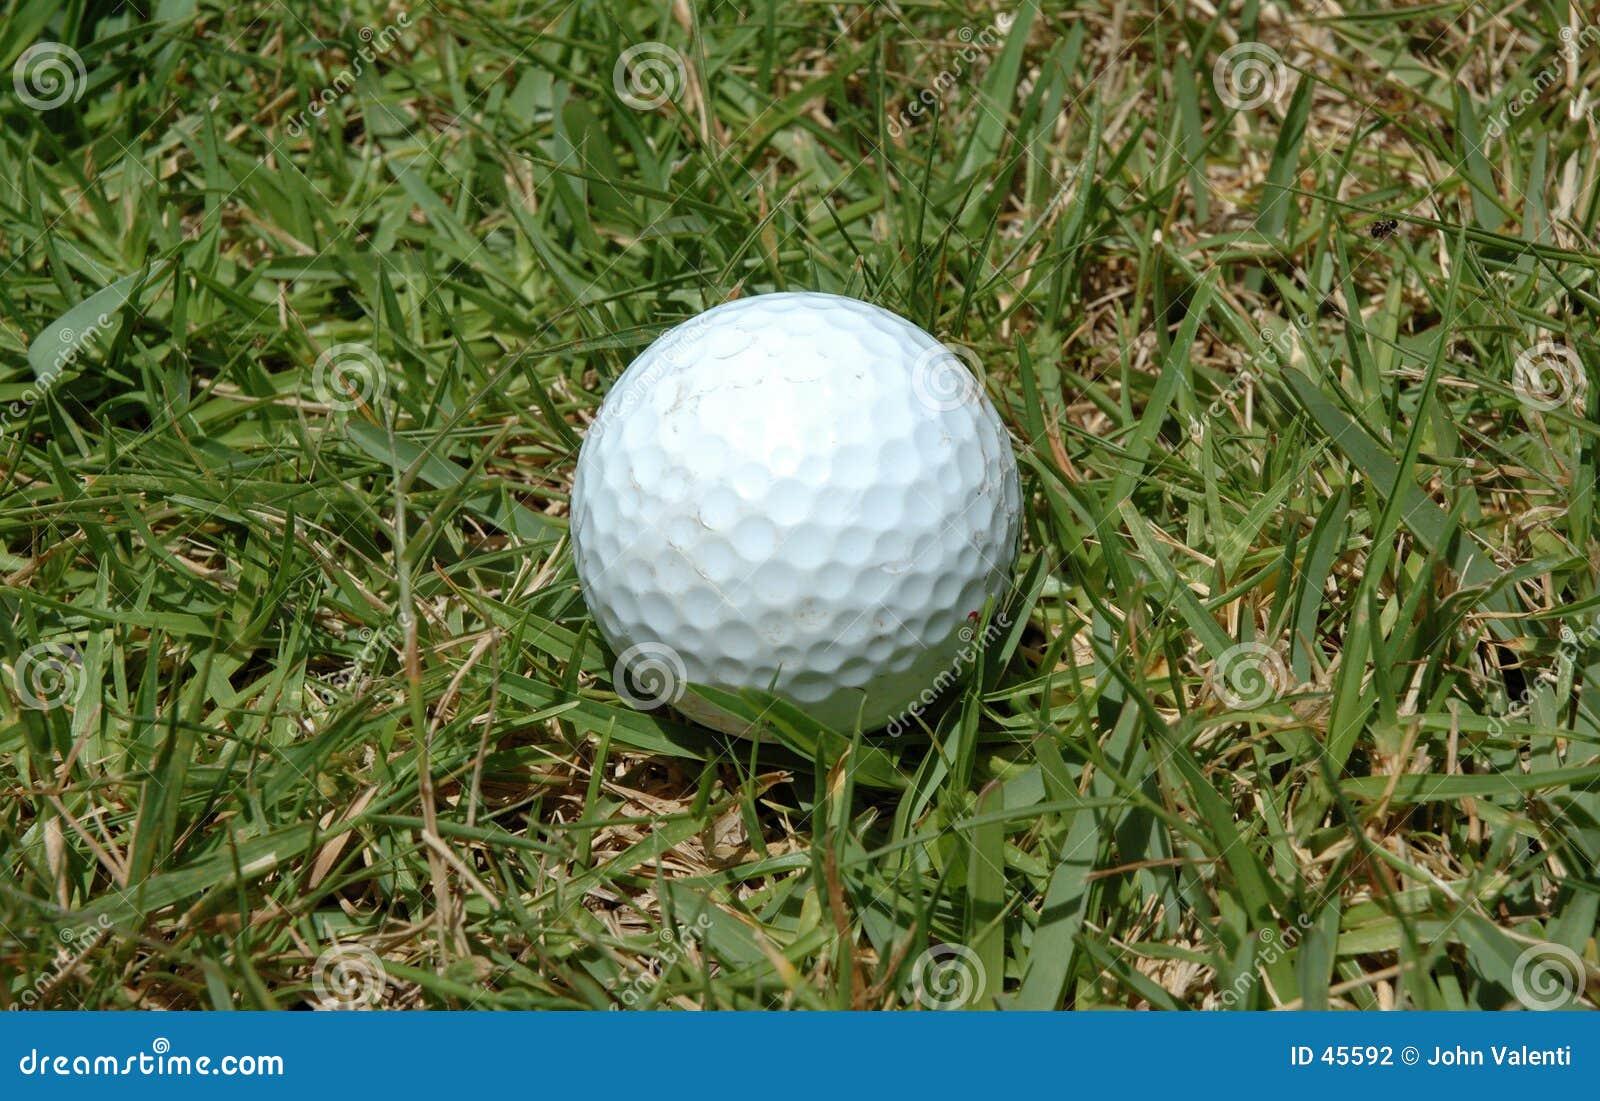 2个球高尔夫球